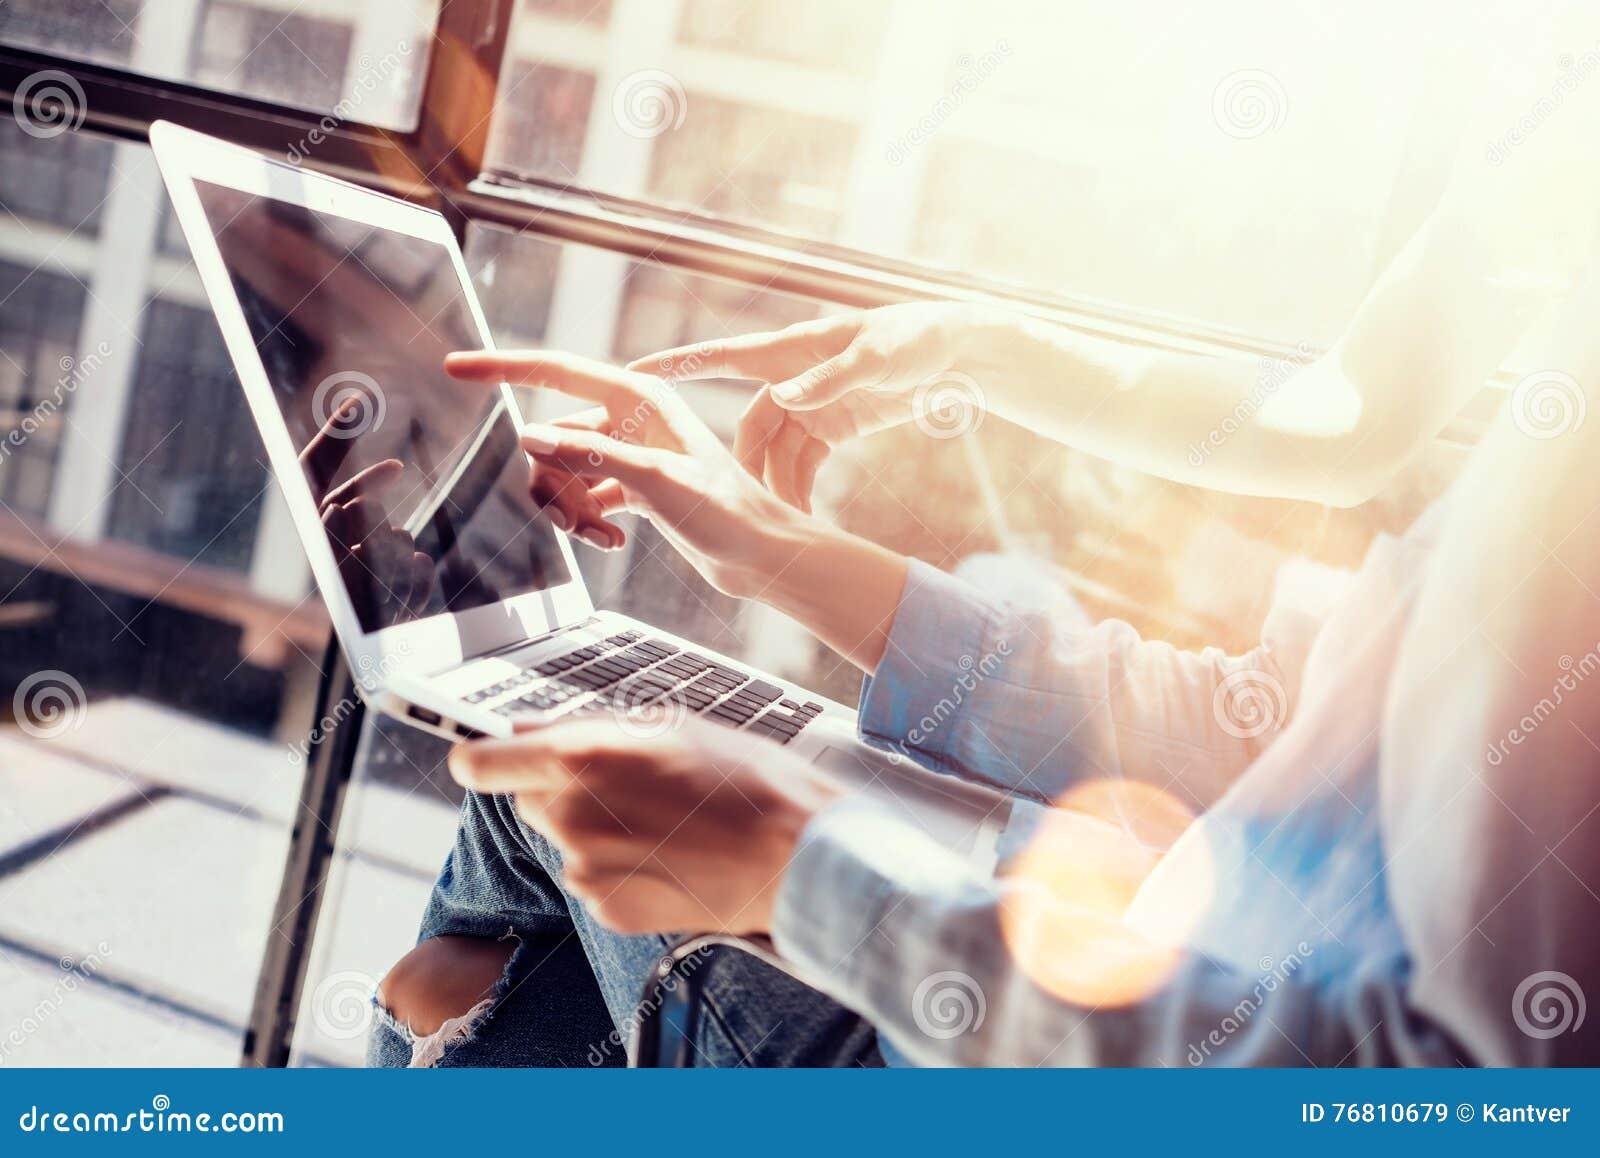 De Medewerkers die van de vrouw Grote Economisch besluiten maken Jonge Marketing Team Discussion Corporate Work Concept Bureaulap